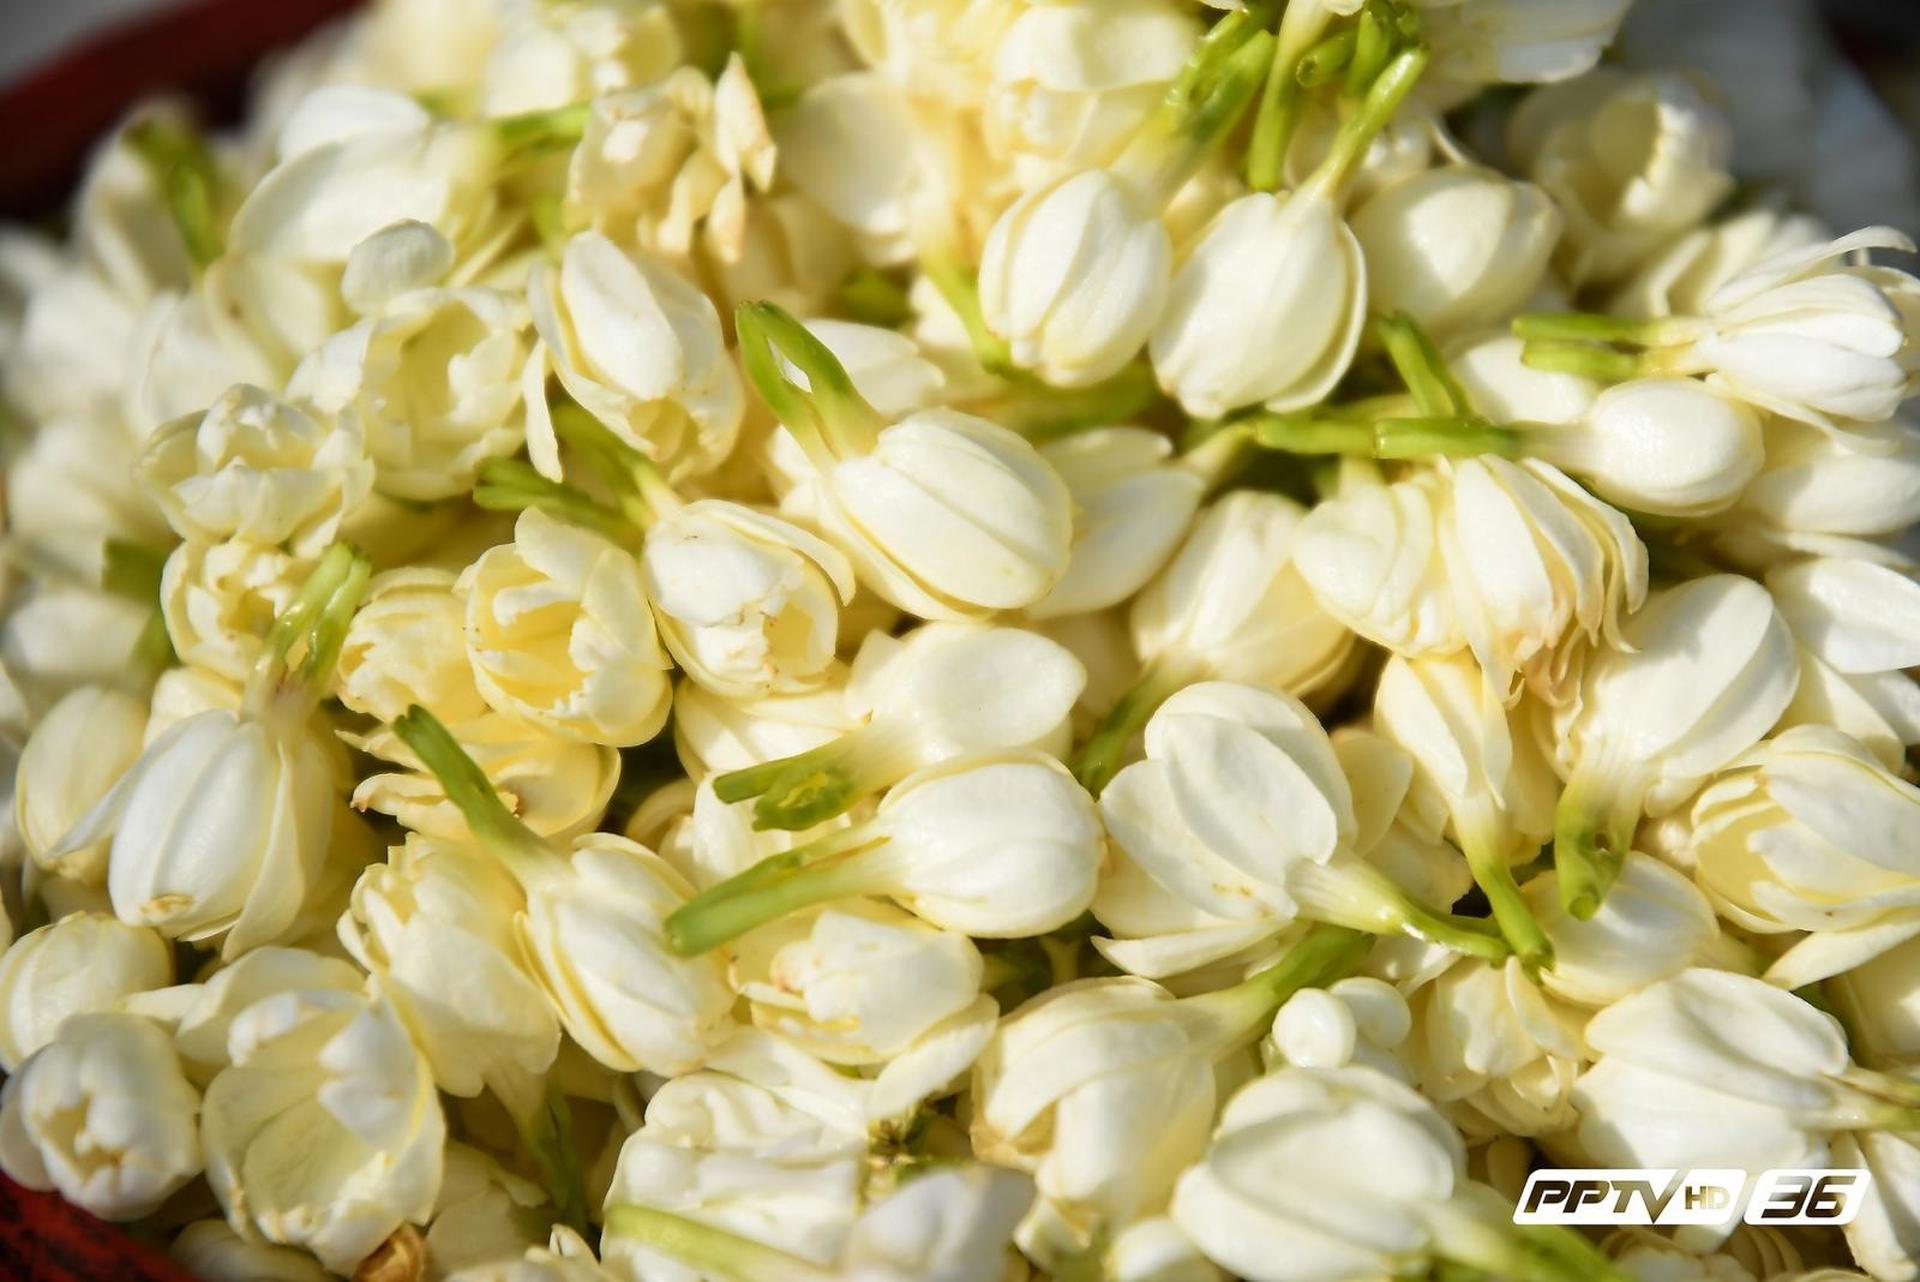 """บุหงา""""สราญรมย์"""" ดอกไม้ของพ่อ จิตอาสารวมใจกันนำดอกไม้แสดงความอาลัยบริเวณริมกำแพงพระบรมมหาราชวัง มาอบแห้งใส่ถุงที่ระลึกโดยใช้ชื่อว่า """"บุหงา สราญรมย์ ดอกไม้ของพระราชาให้เป็นของที่ระลึกประชาชนที่เดินทางมาสักการะพระบรมศพ"""